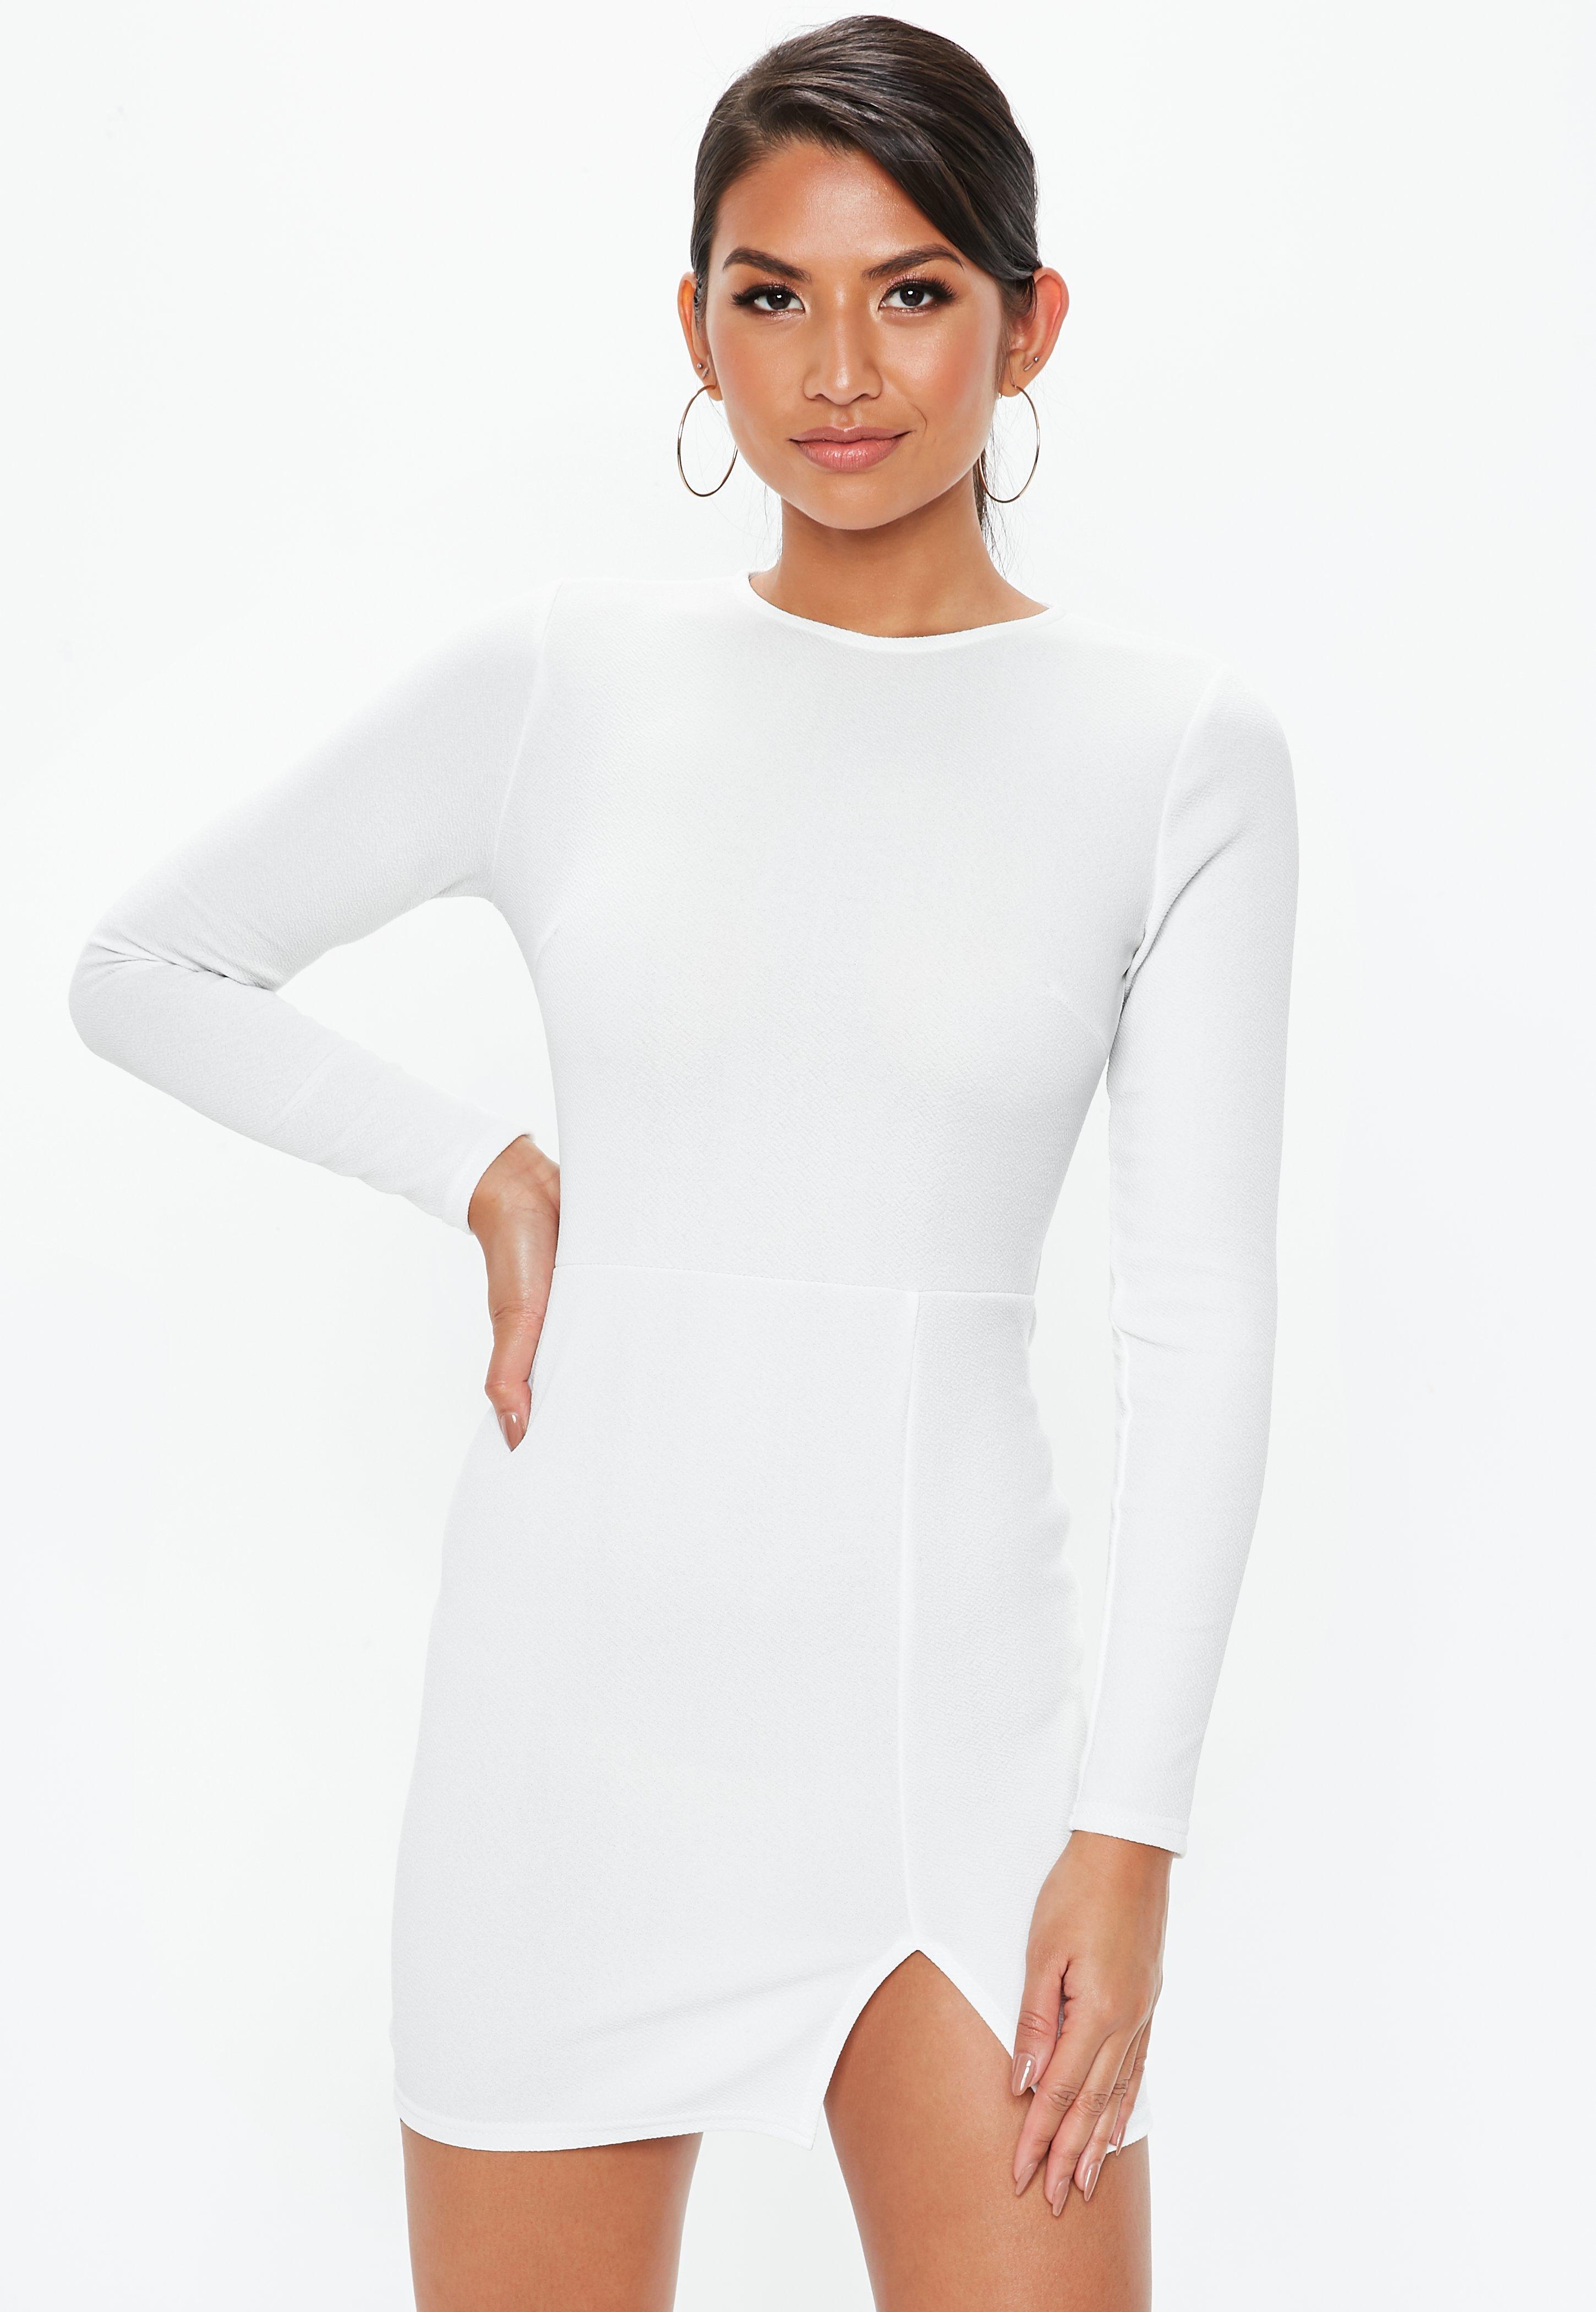 6a7f90c9edcc Robe blanche